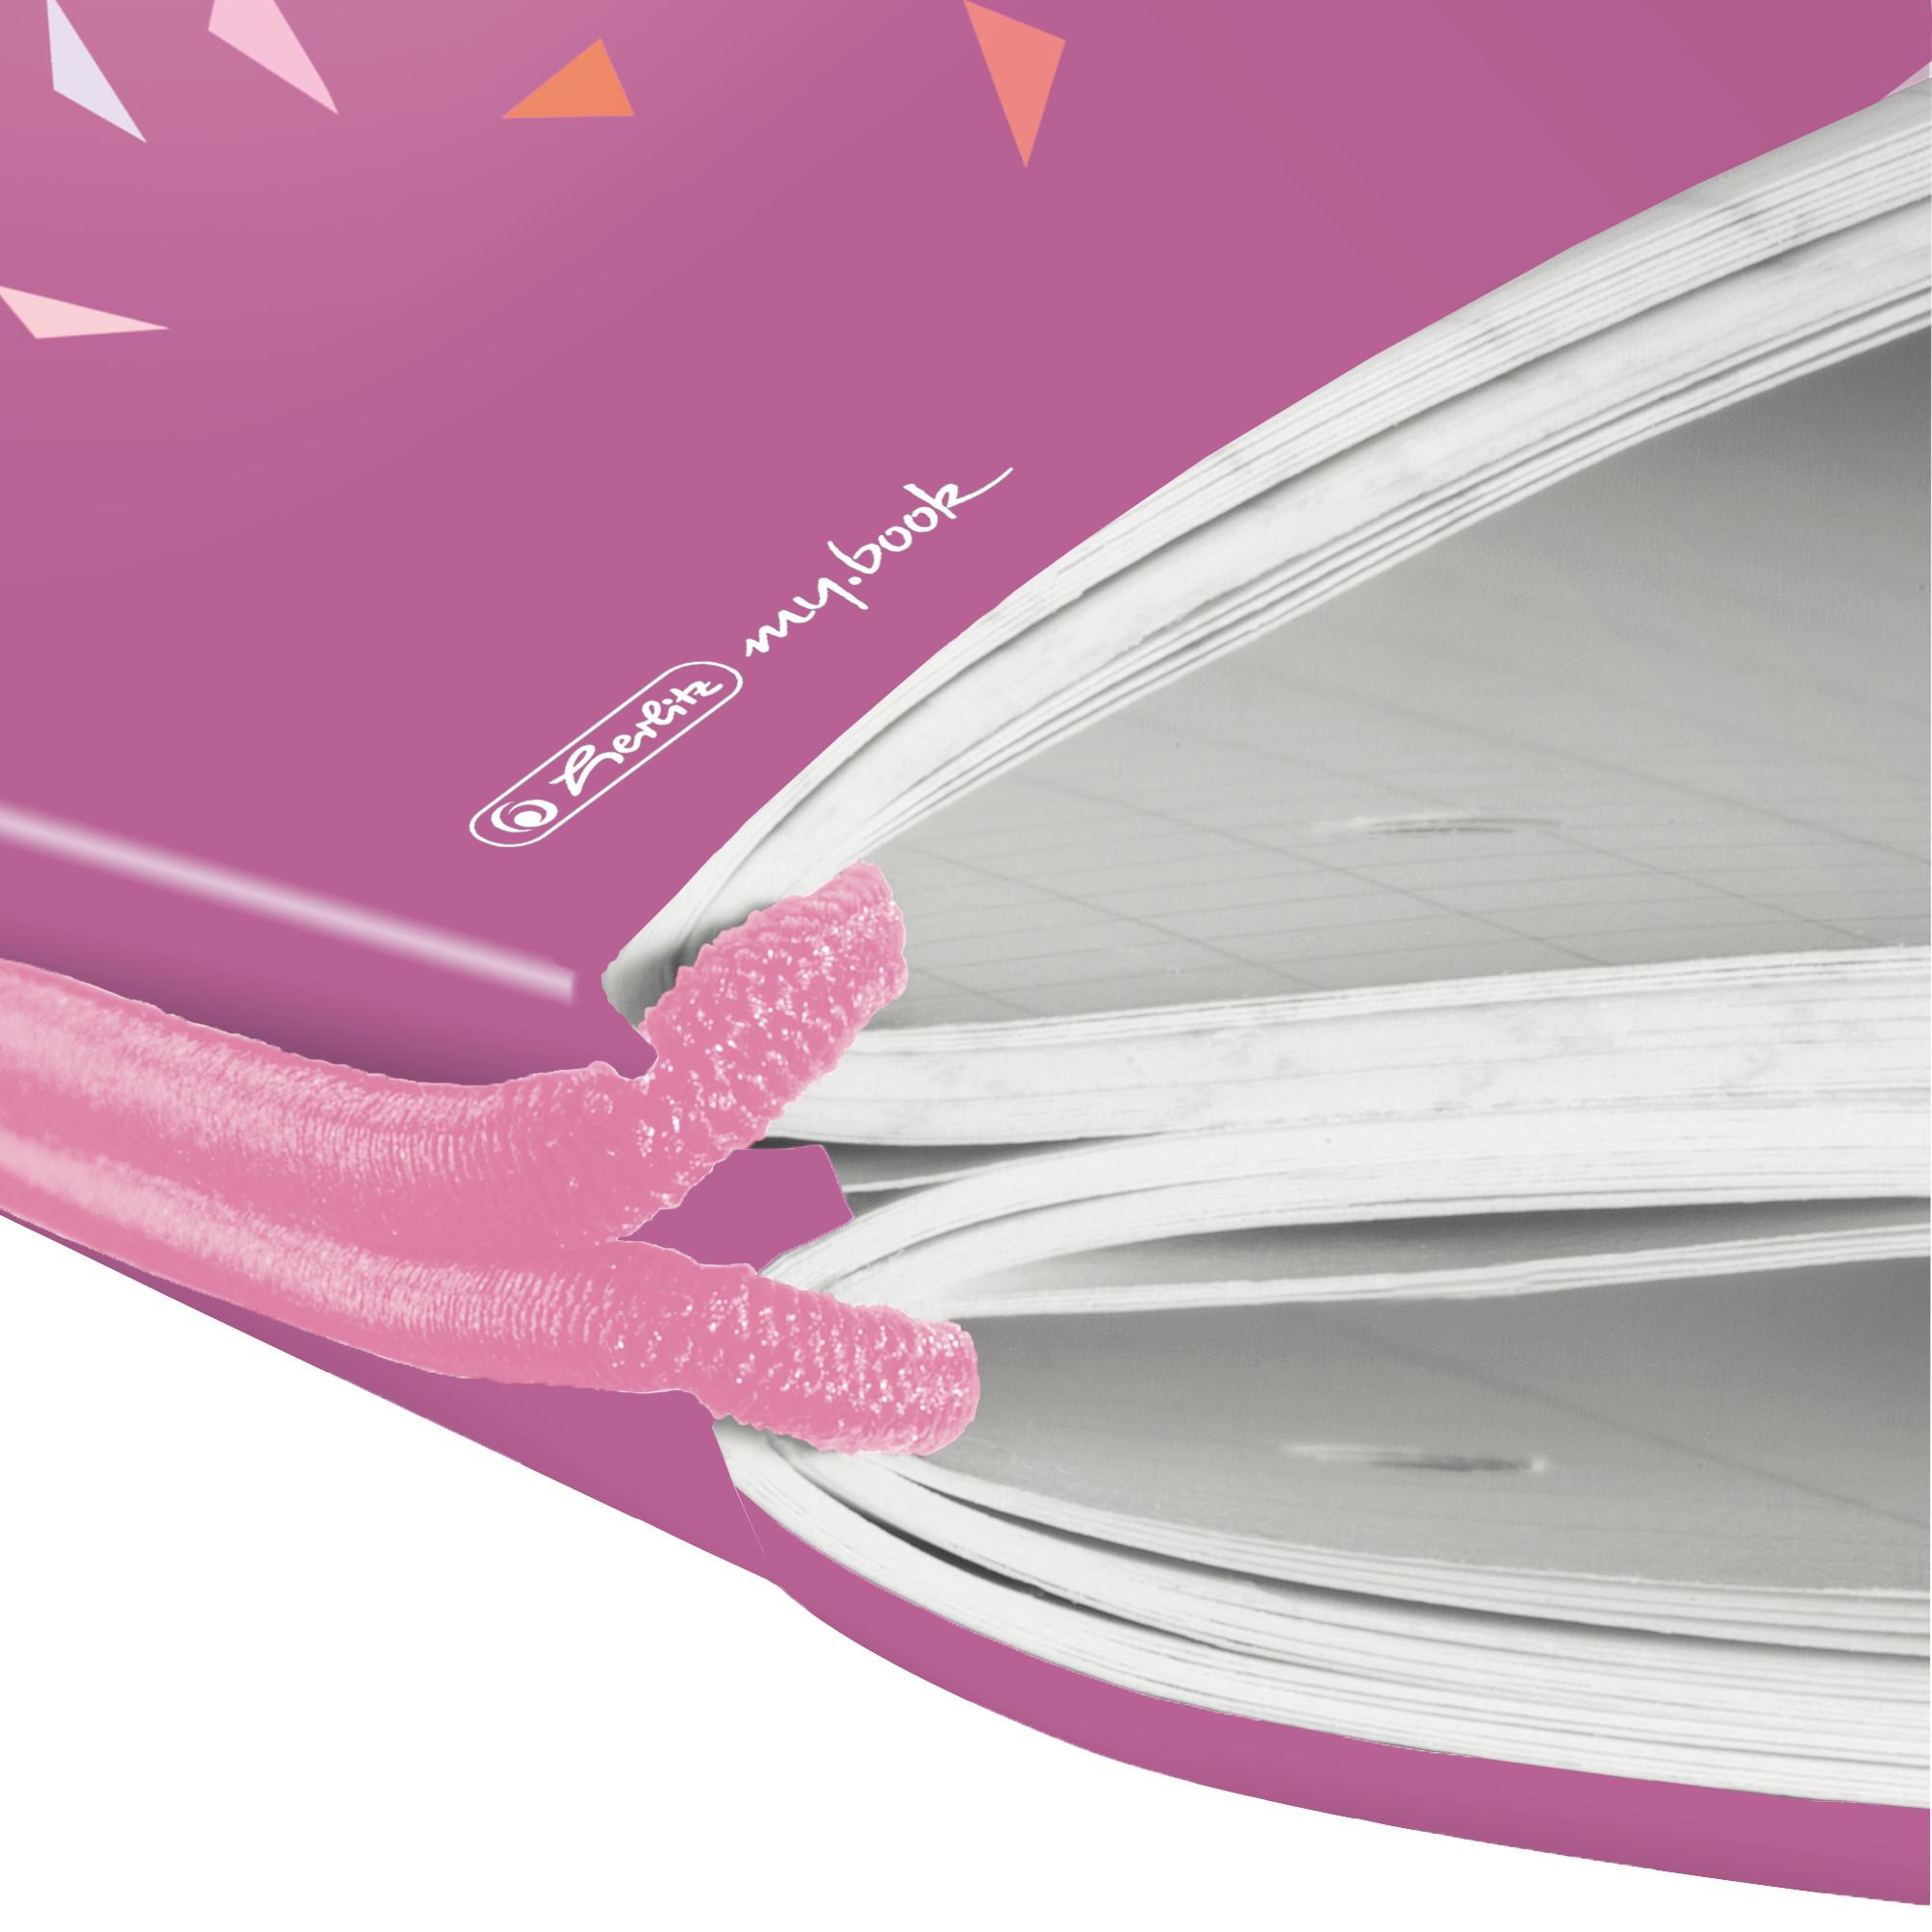 Herlitz 50027279 - Abbildung - Pink - A4 - 80 Blätter - 80 g/m² - Kariertes Papier